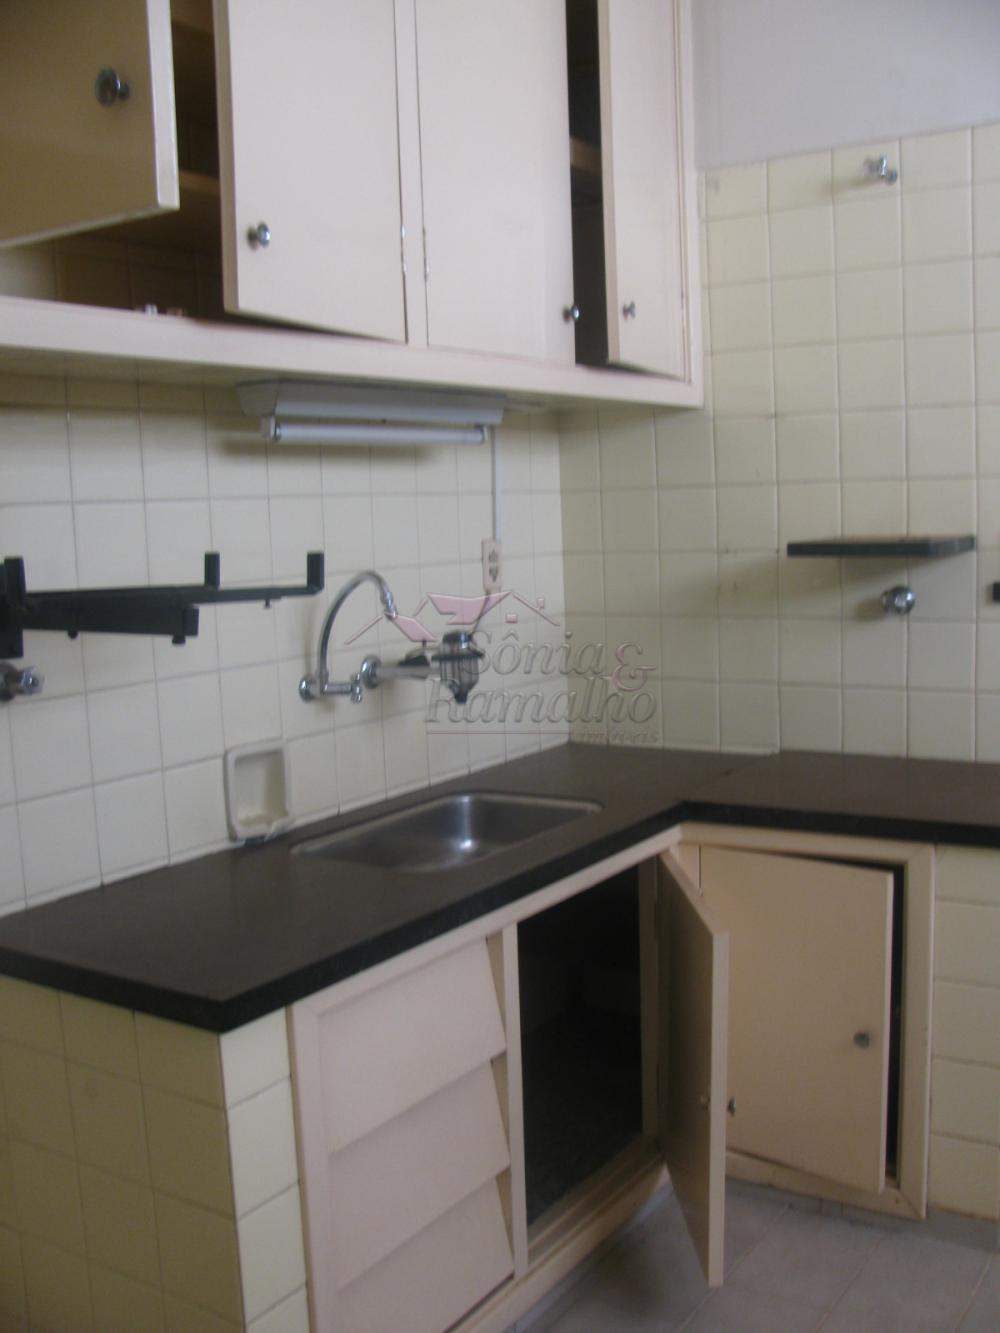 Alugar Casas / Comercial em Ribeirão Preto apenas R$ 4.000,00 - Foto 4